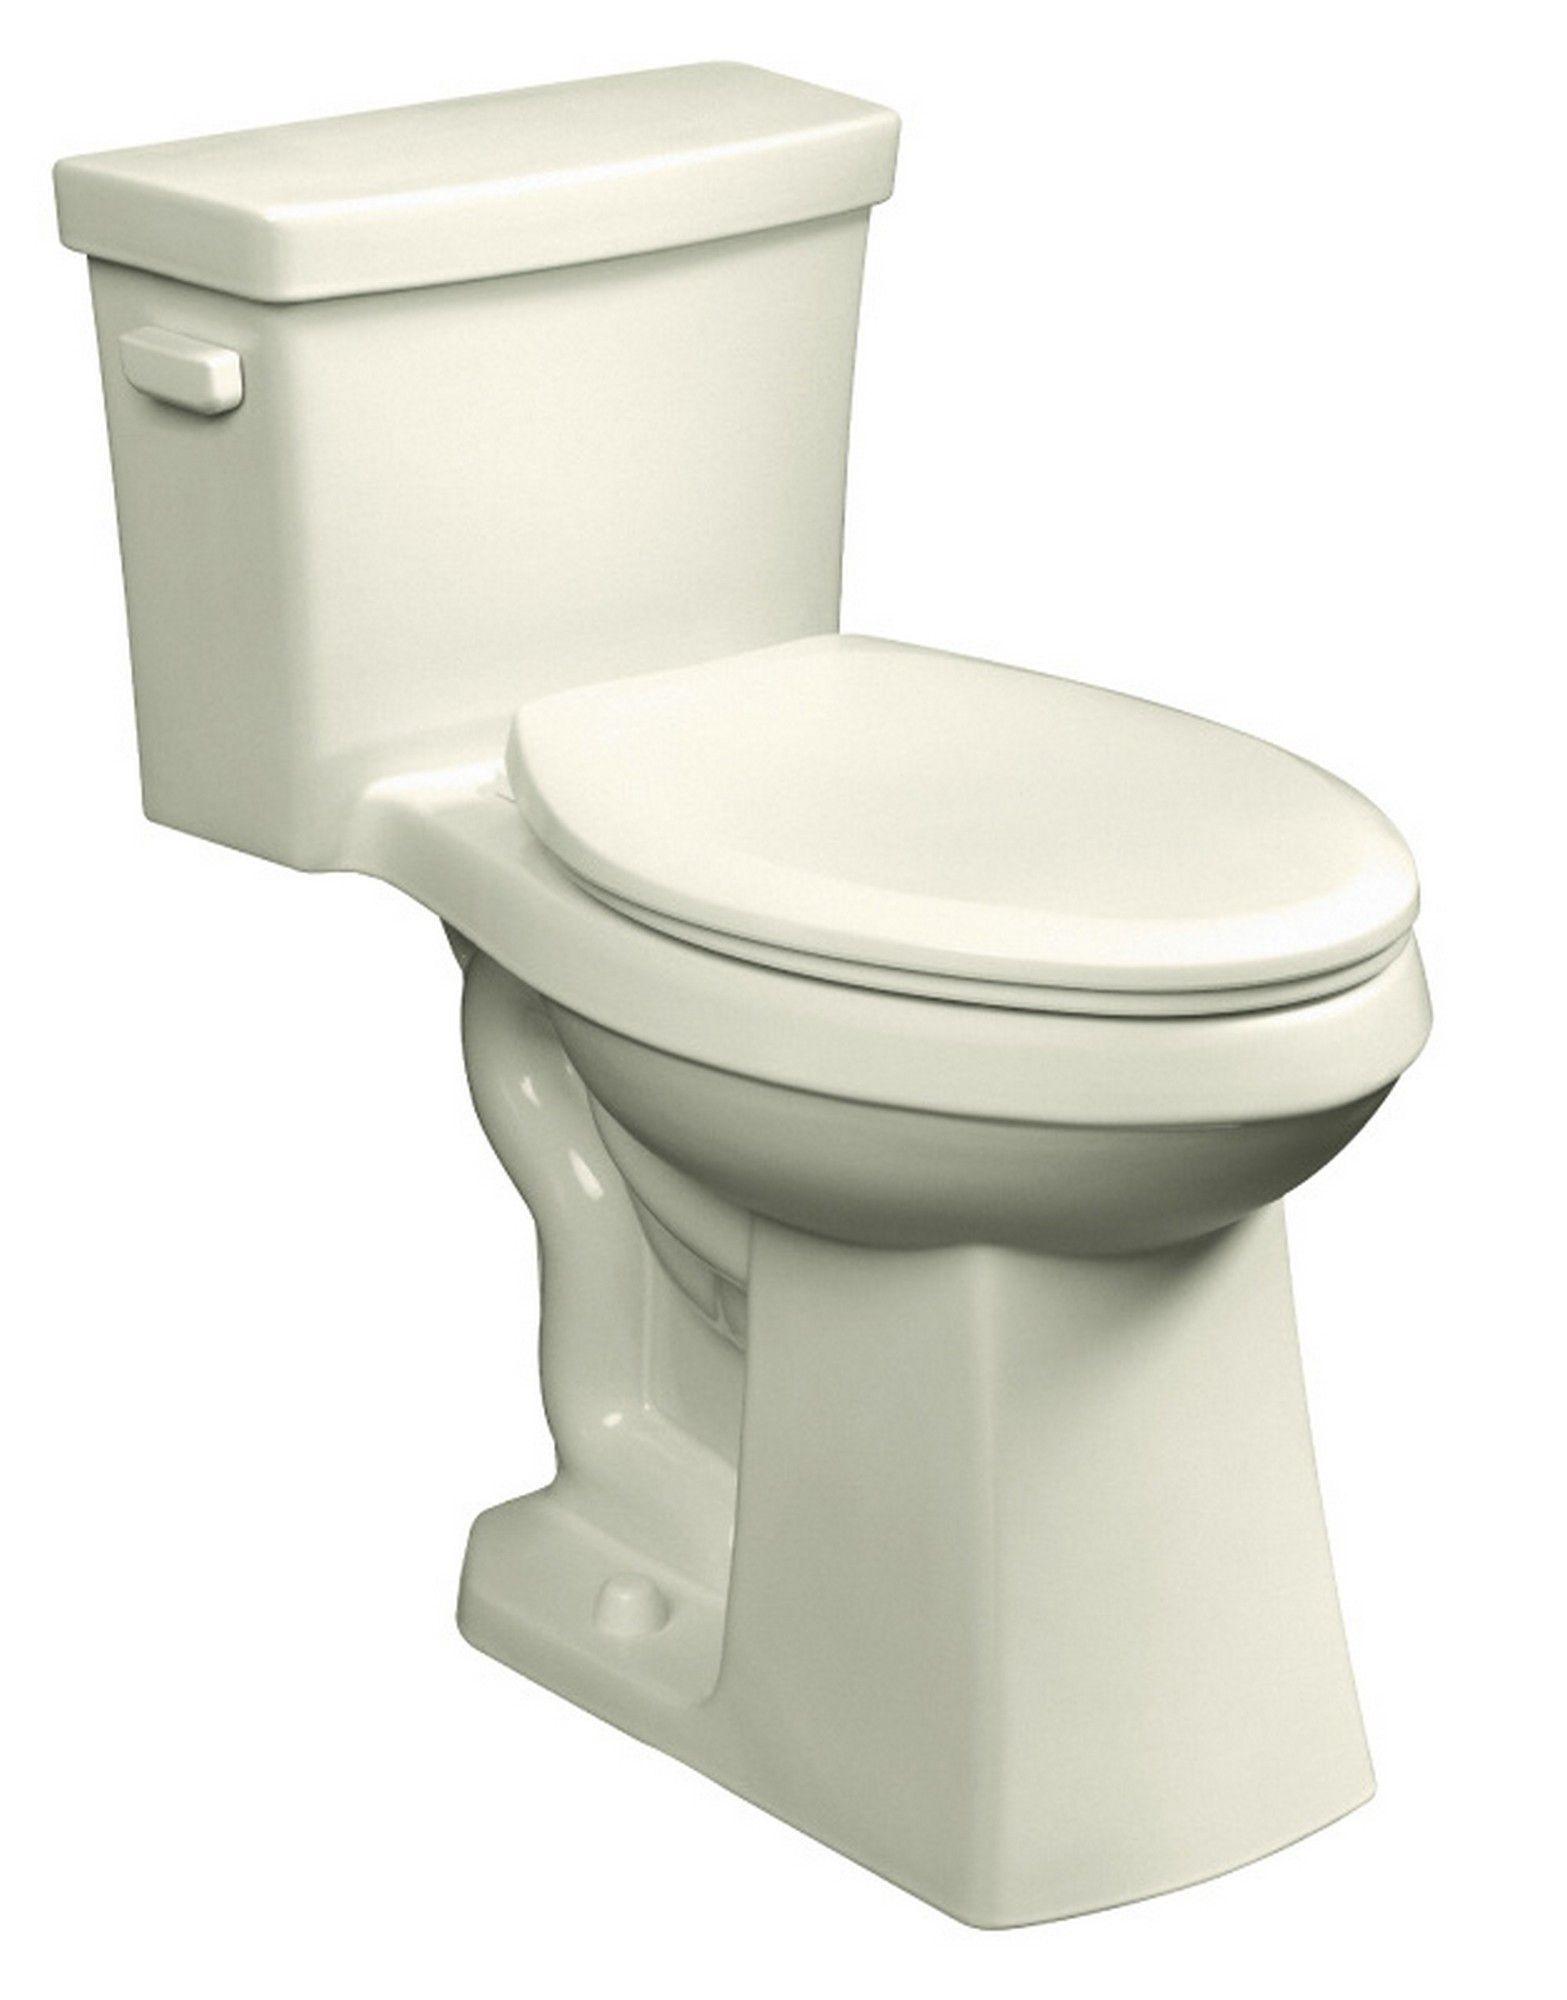 Cobalt 1 28 Gpf Elongated Toilet 1 Piece Toilets For Sale Toilet Cobalt